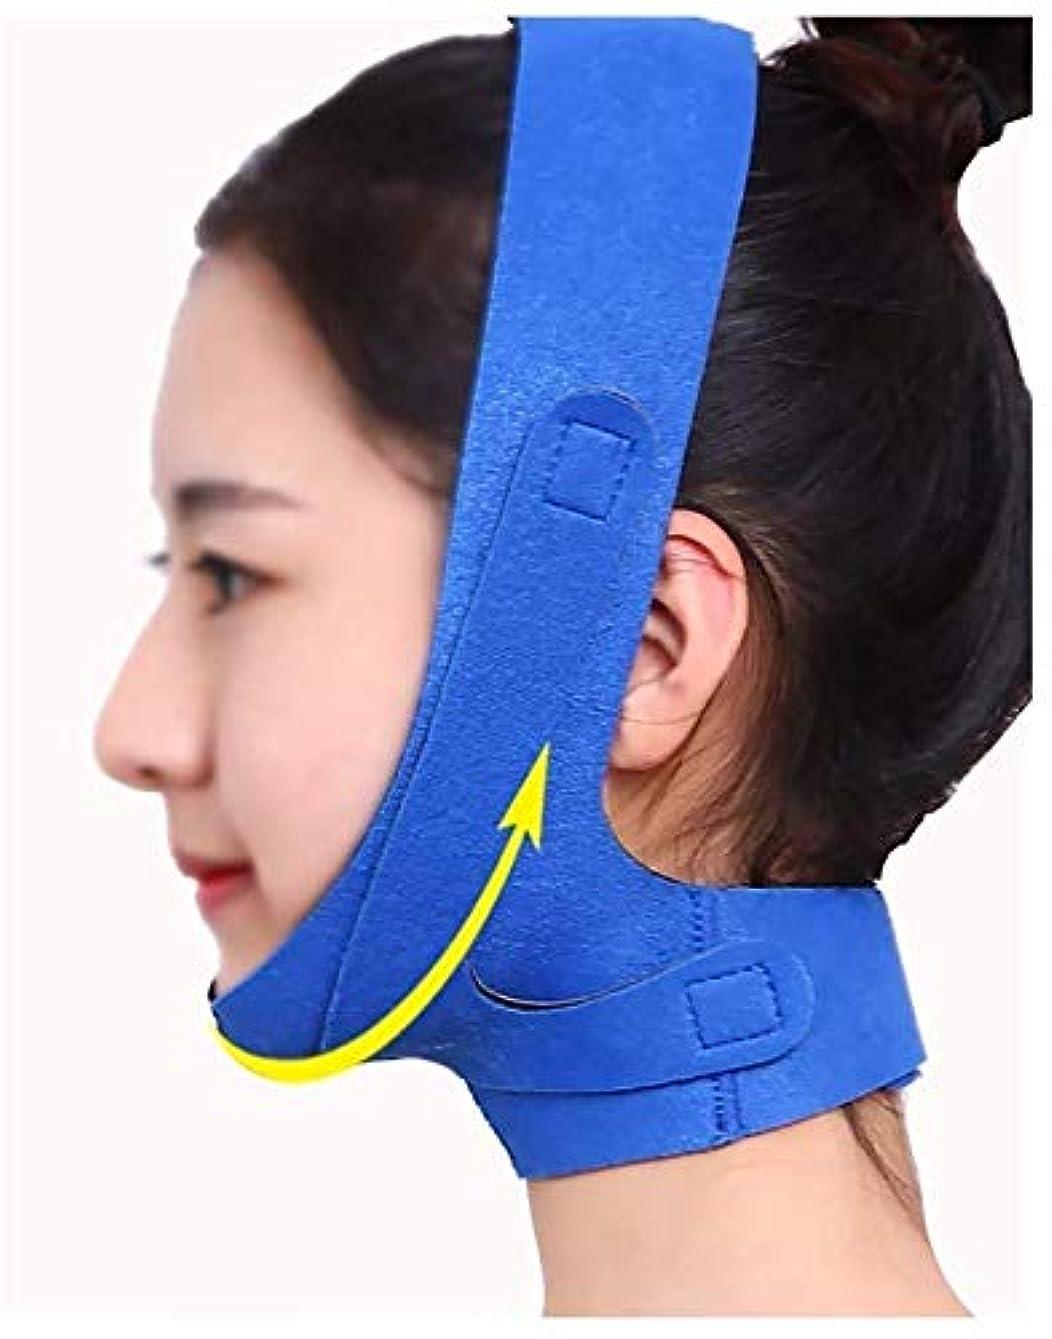 バルセロナアレルギー性人類美容と実用的なフェイスリフトマスク、チンストラップ回復包帯睡眠薄いフェイスバンデージ薄いフェイスマスクフェイスリフトアーティファクトフェイスリフト美容マスク包帯ブルーフェイスマスクで小さなV顔を強化するには